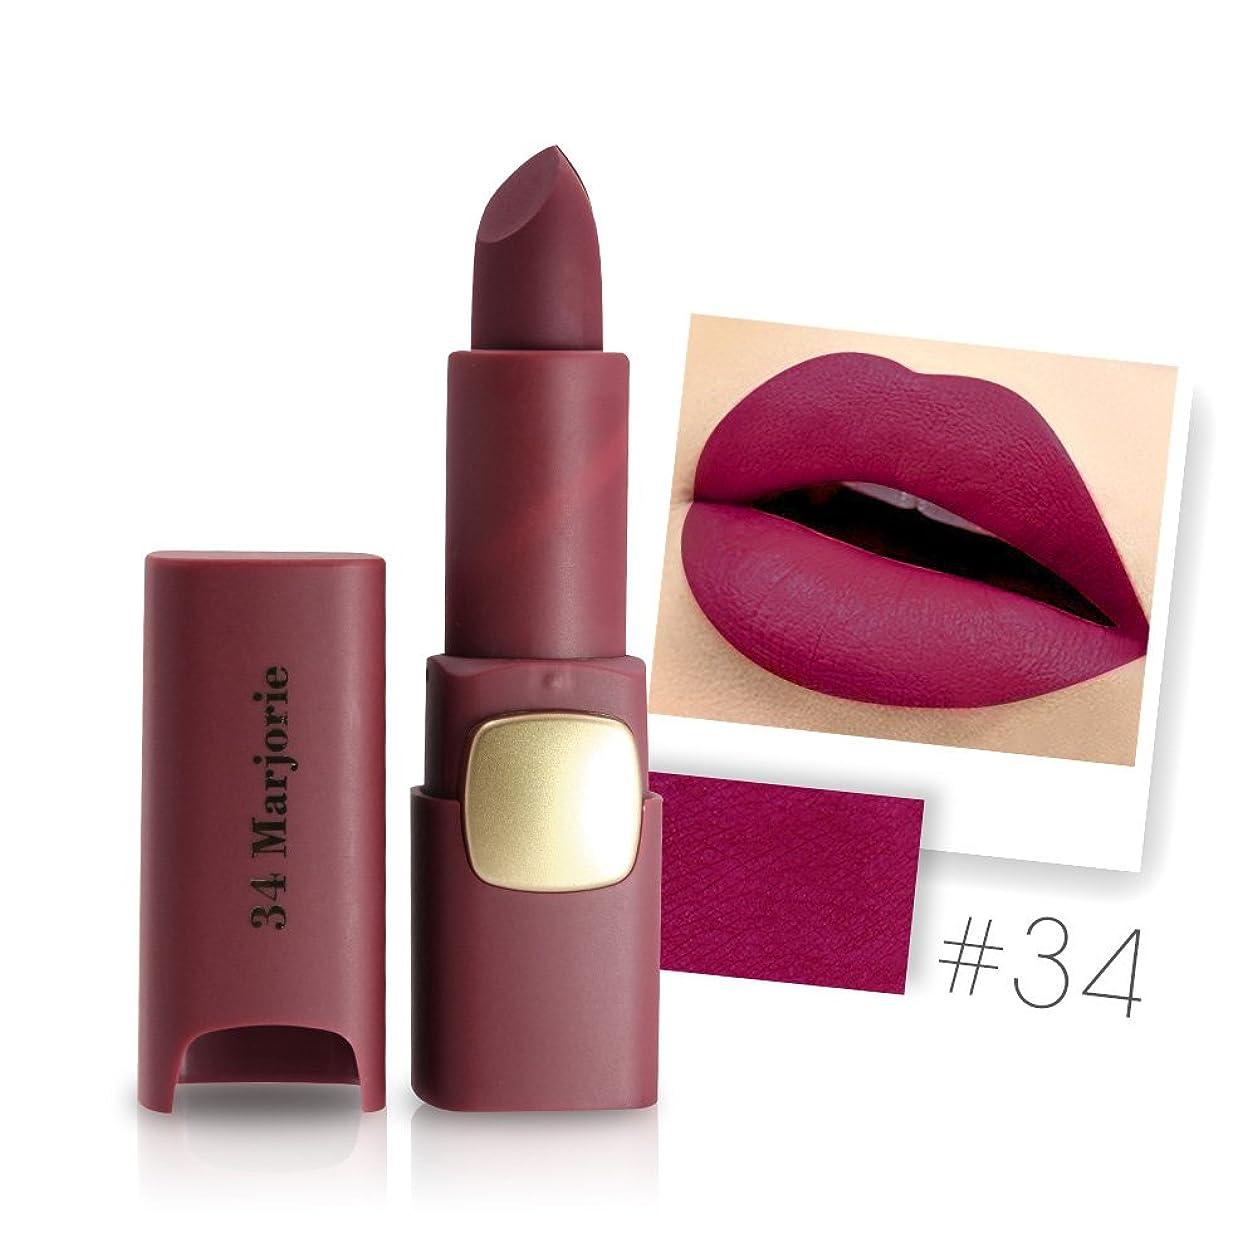 事業内容防水混乱させるMiss Rose Brand Matte Lipstick Waterproof Lips Moisturizing Easy To Wear Makeup Lip Sticks Gloss Lipsticks Cosmetic